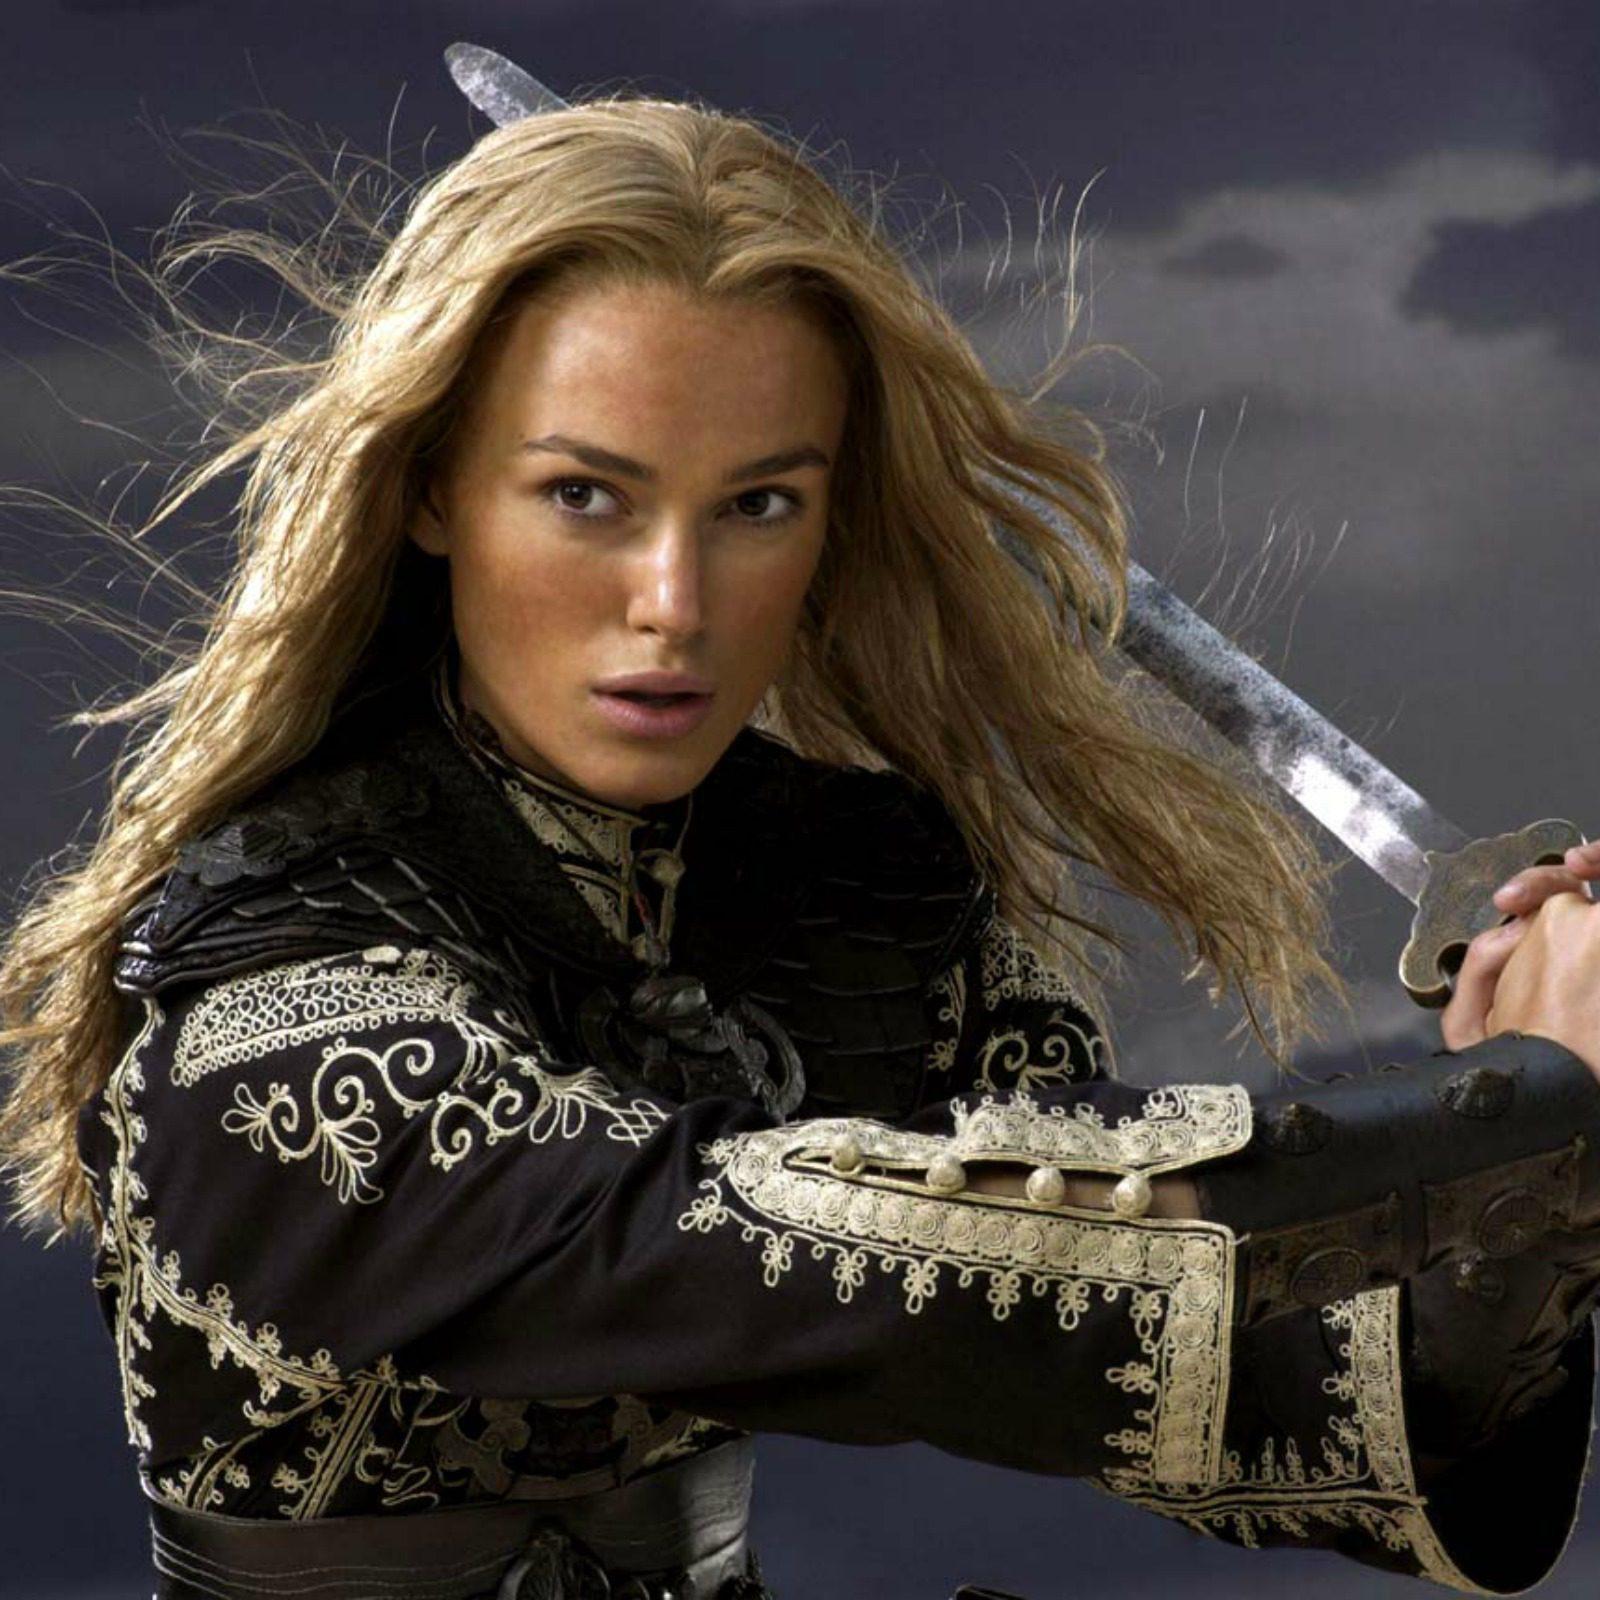 Aparecera Keira Knightley En Piratas Del Caribe La Venganza De